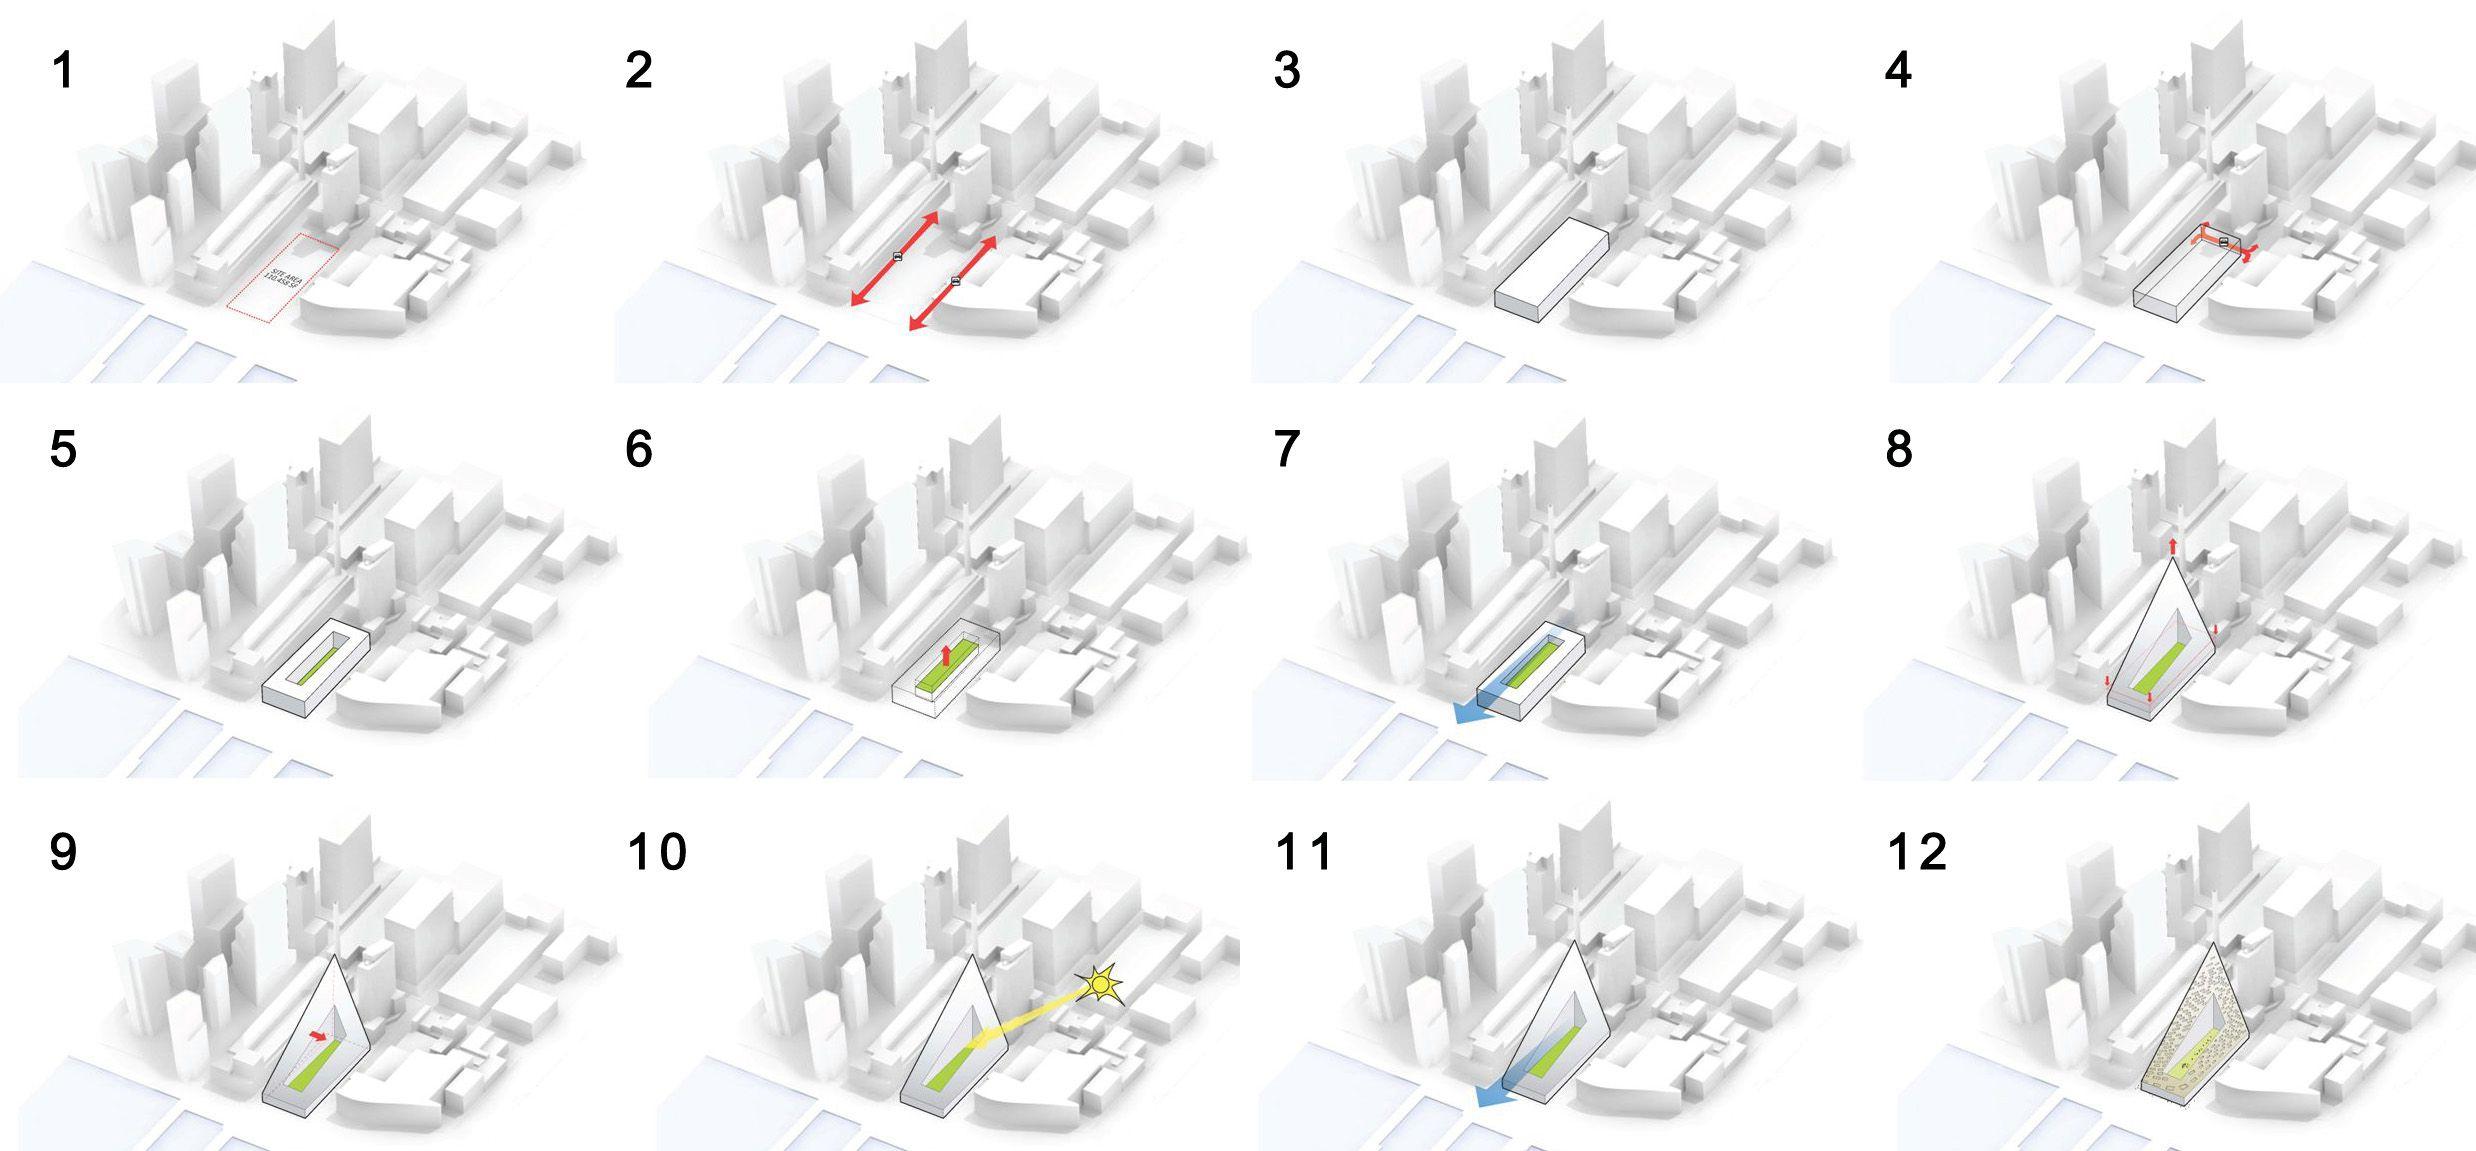 Bjarke Ingels Diagram